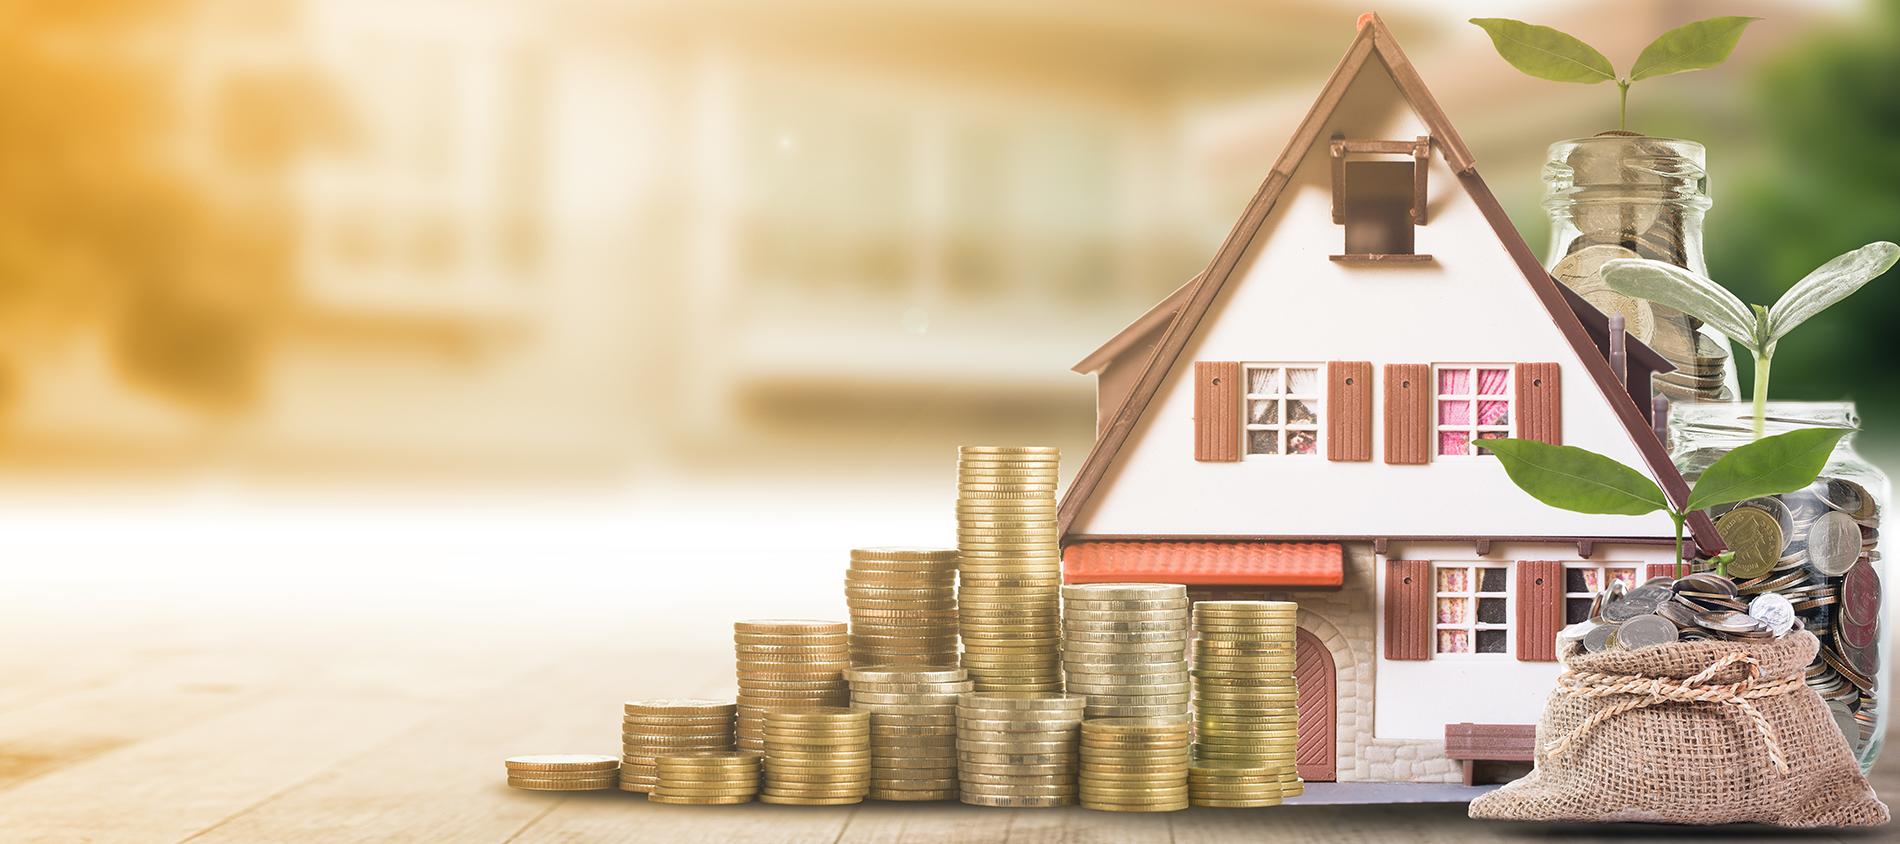 Convencimiento digital en marketing para vender departamentos y casas en preventa